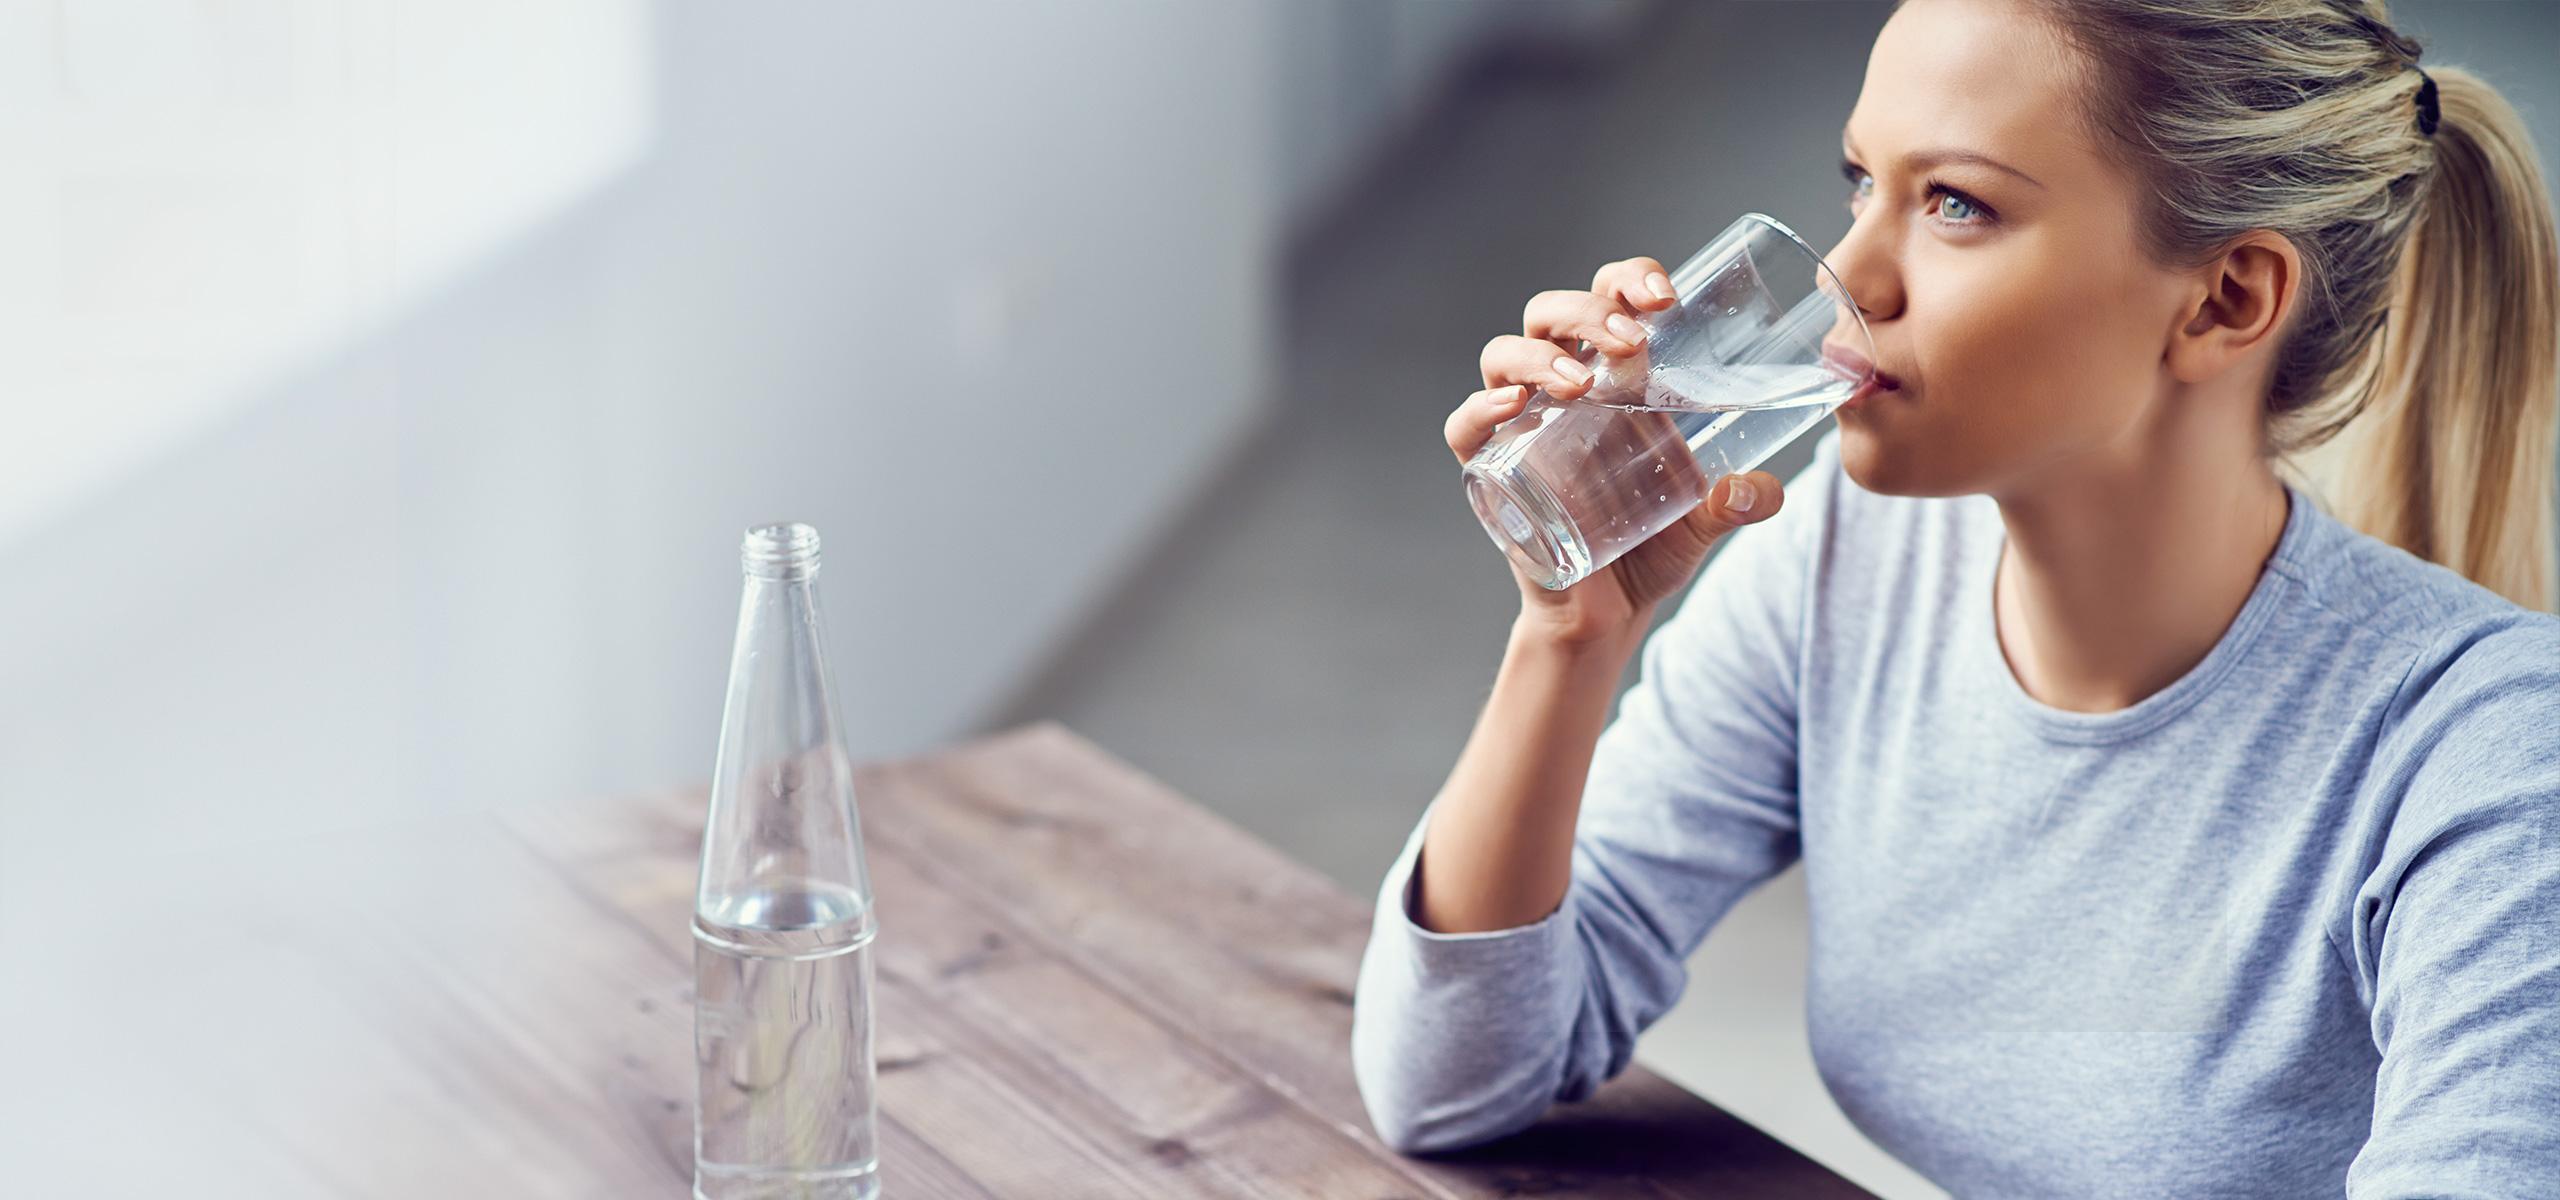 BRITA fabbisogno idrico personale donna bere